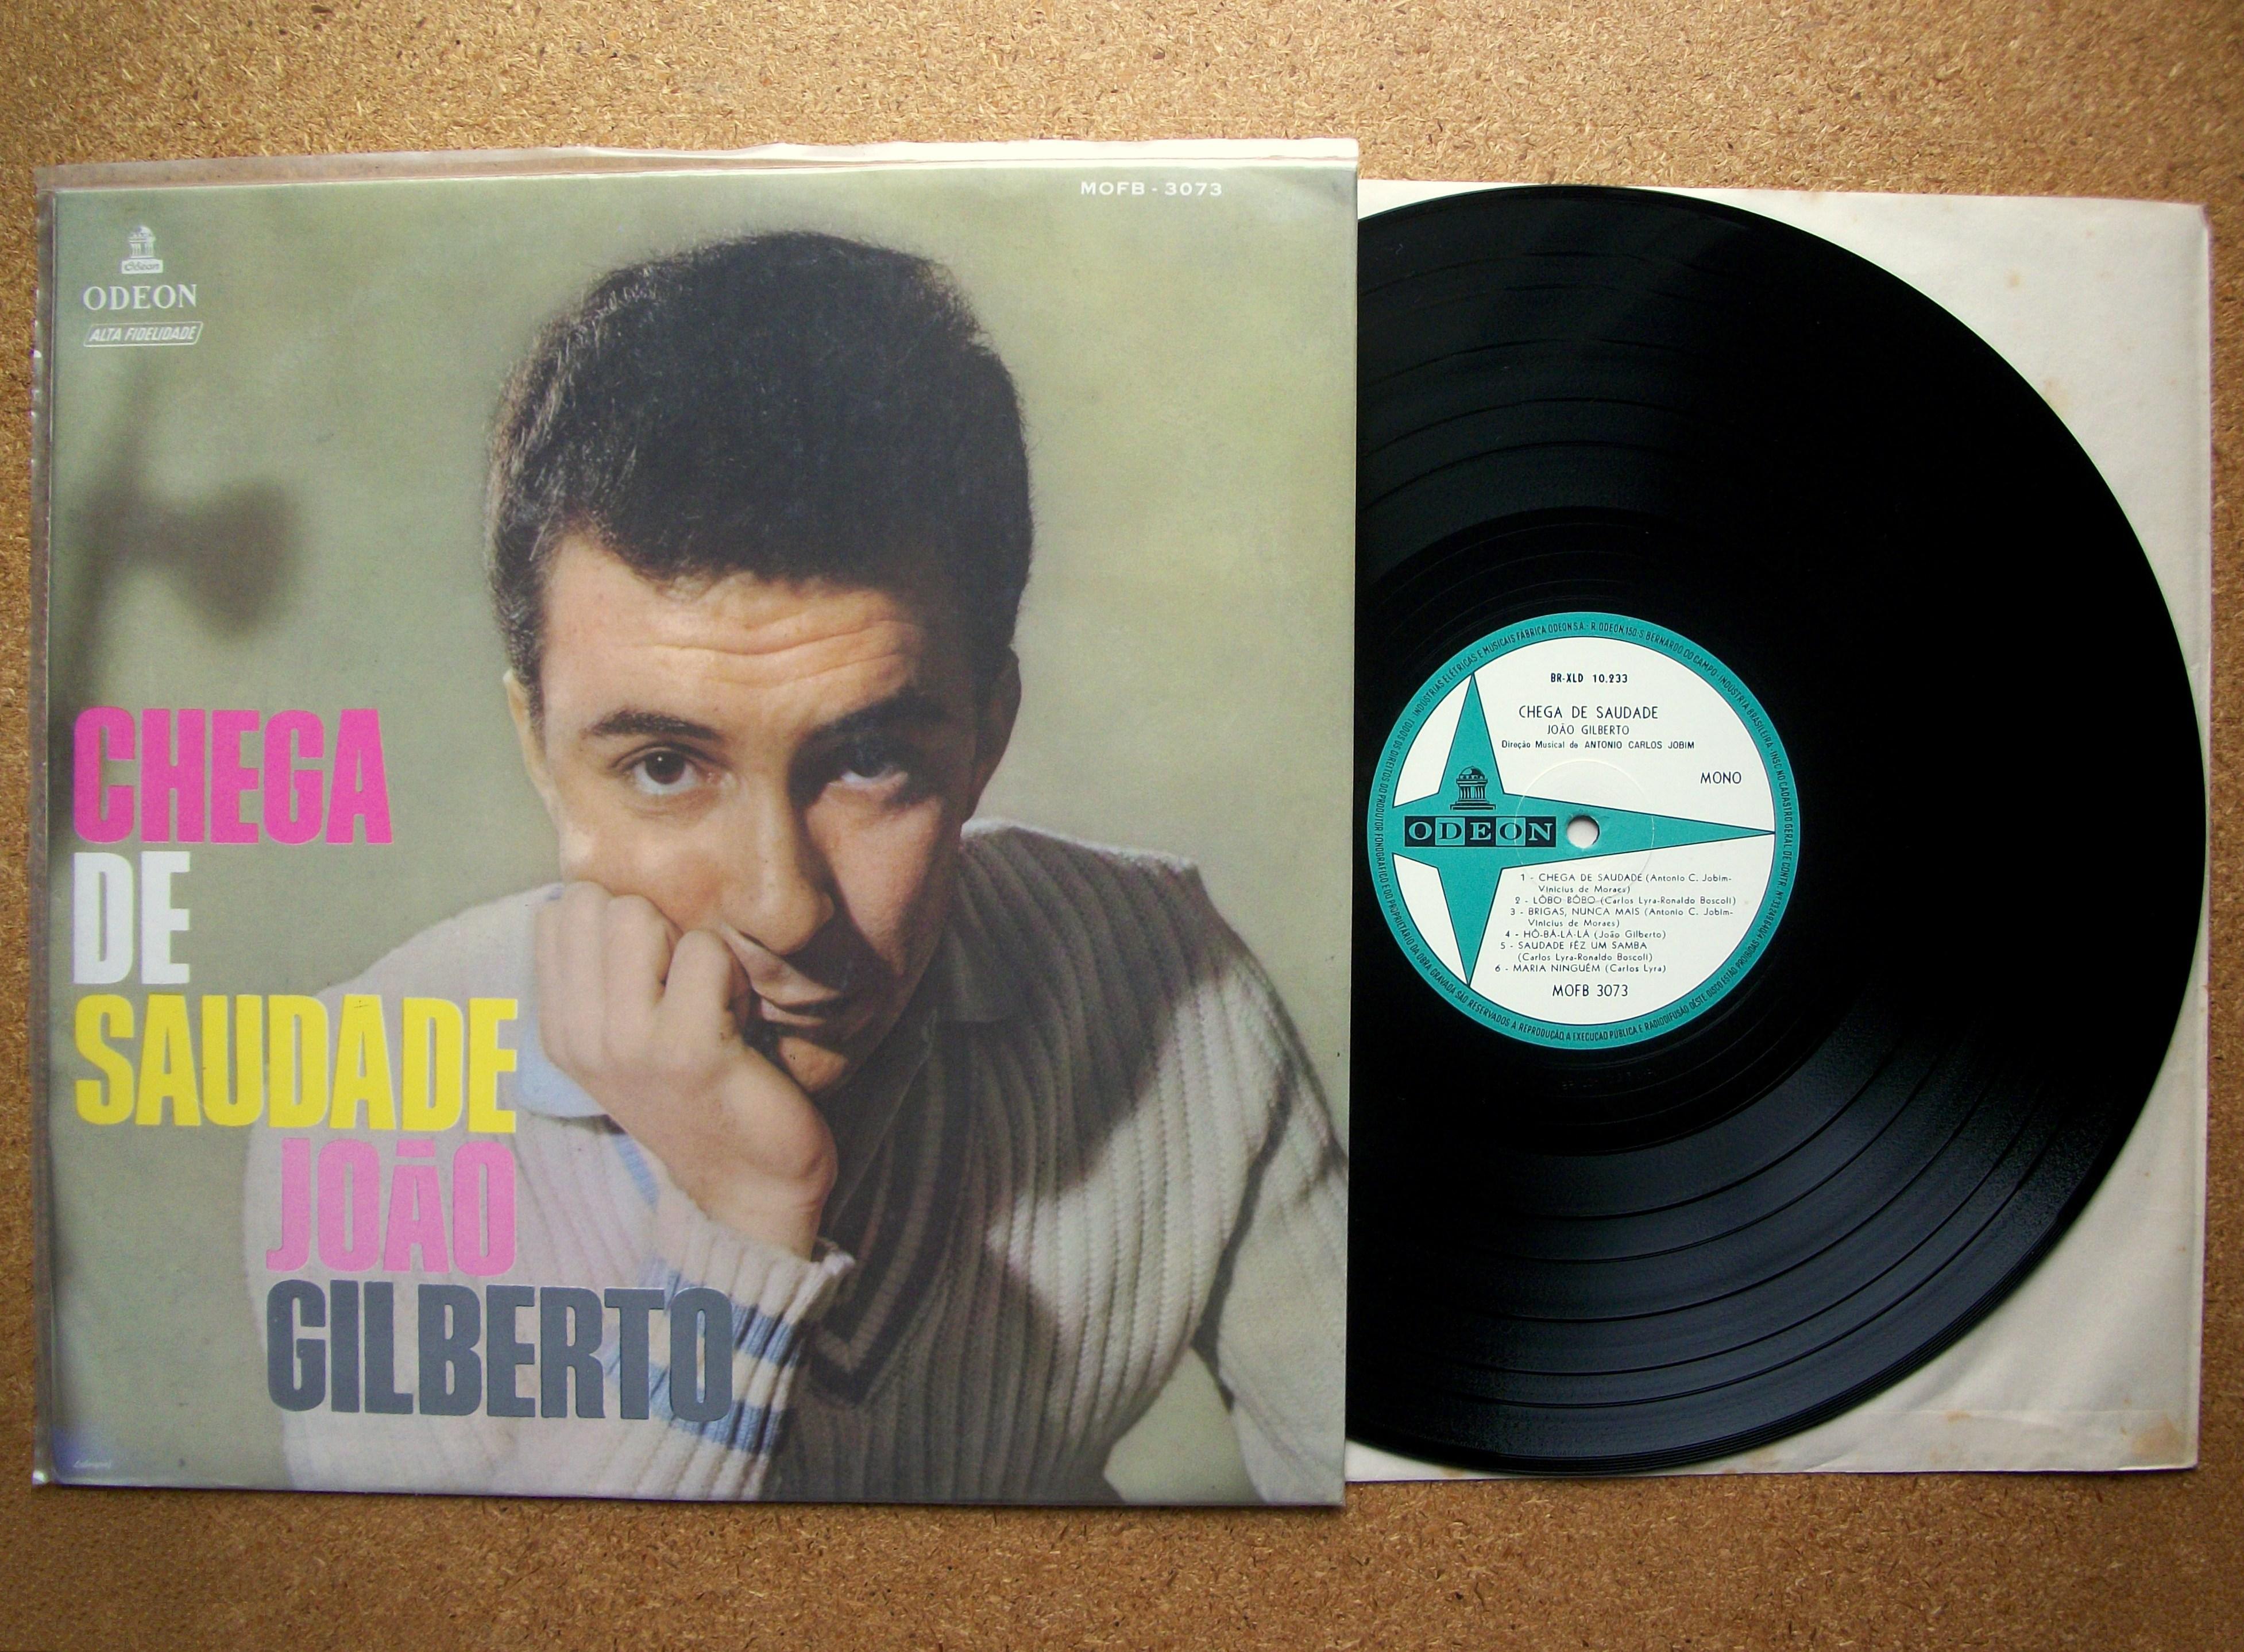 Sinister Vinyl Collection Jo 195 O Gilberto Chega De